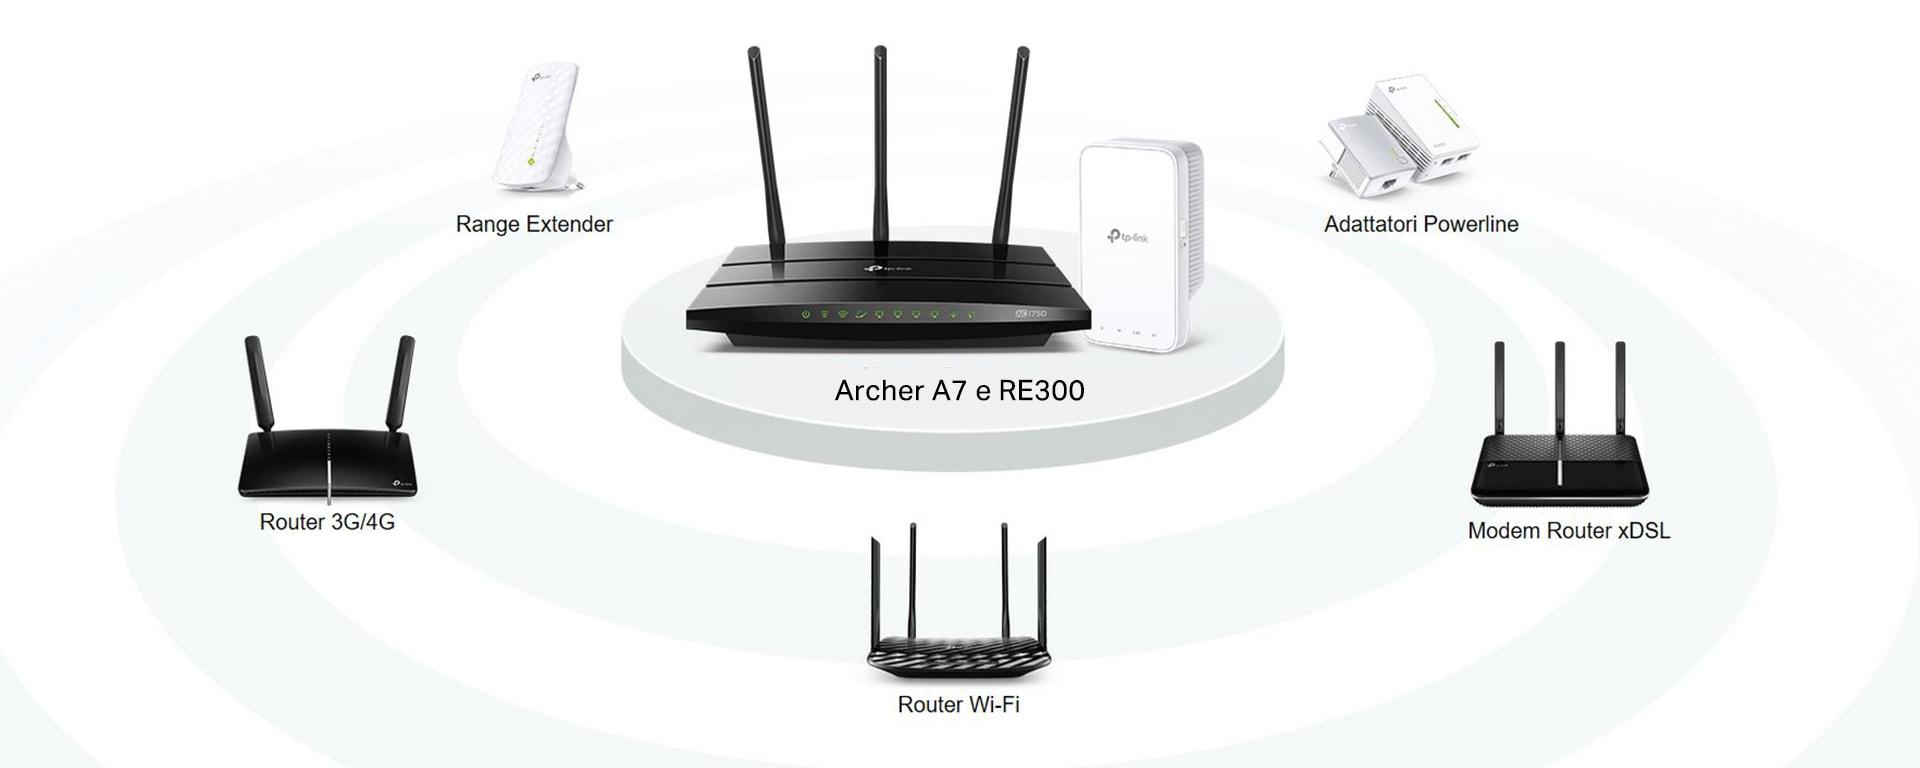 TP-Link_OneMesh-Archer-A7-e-RE300